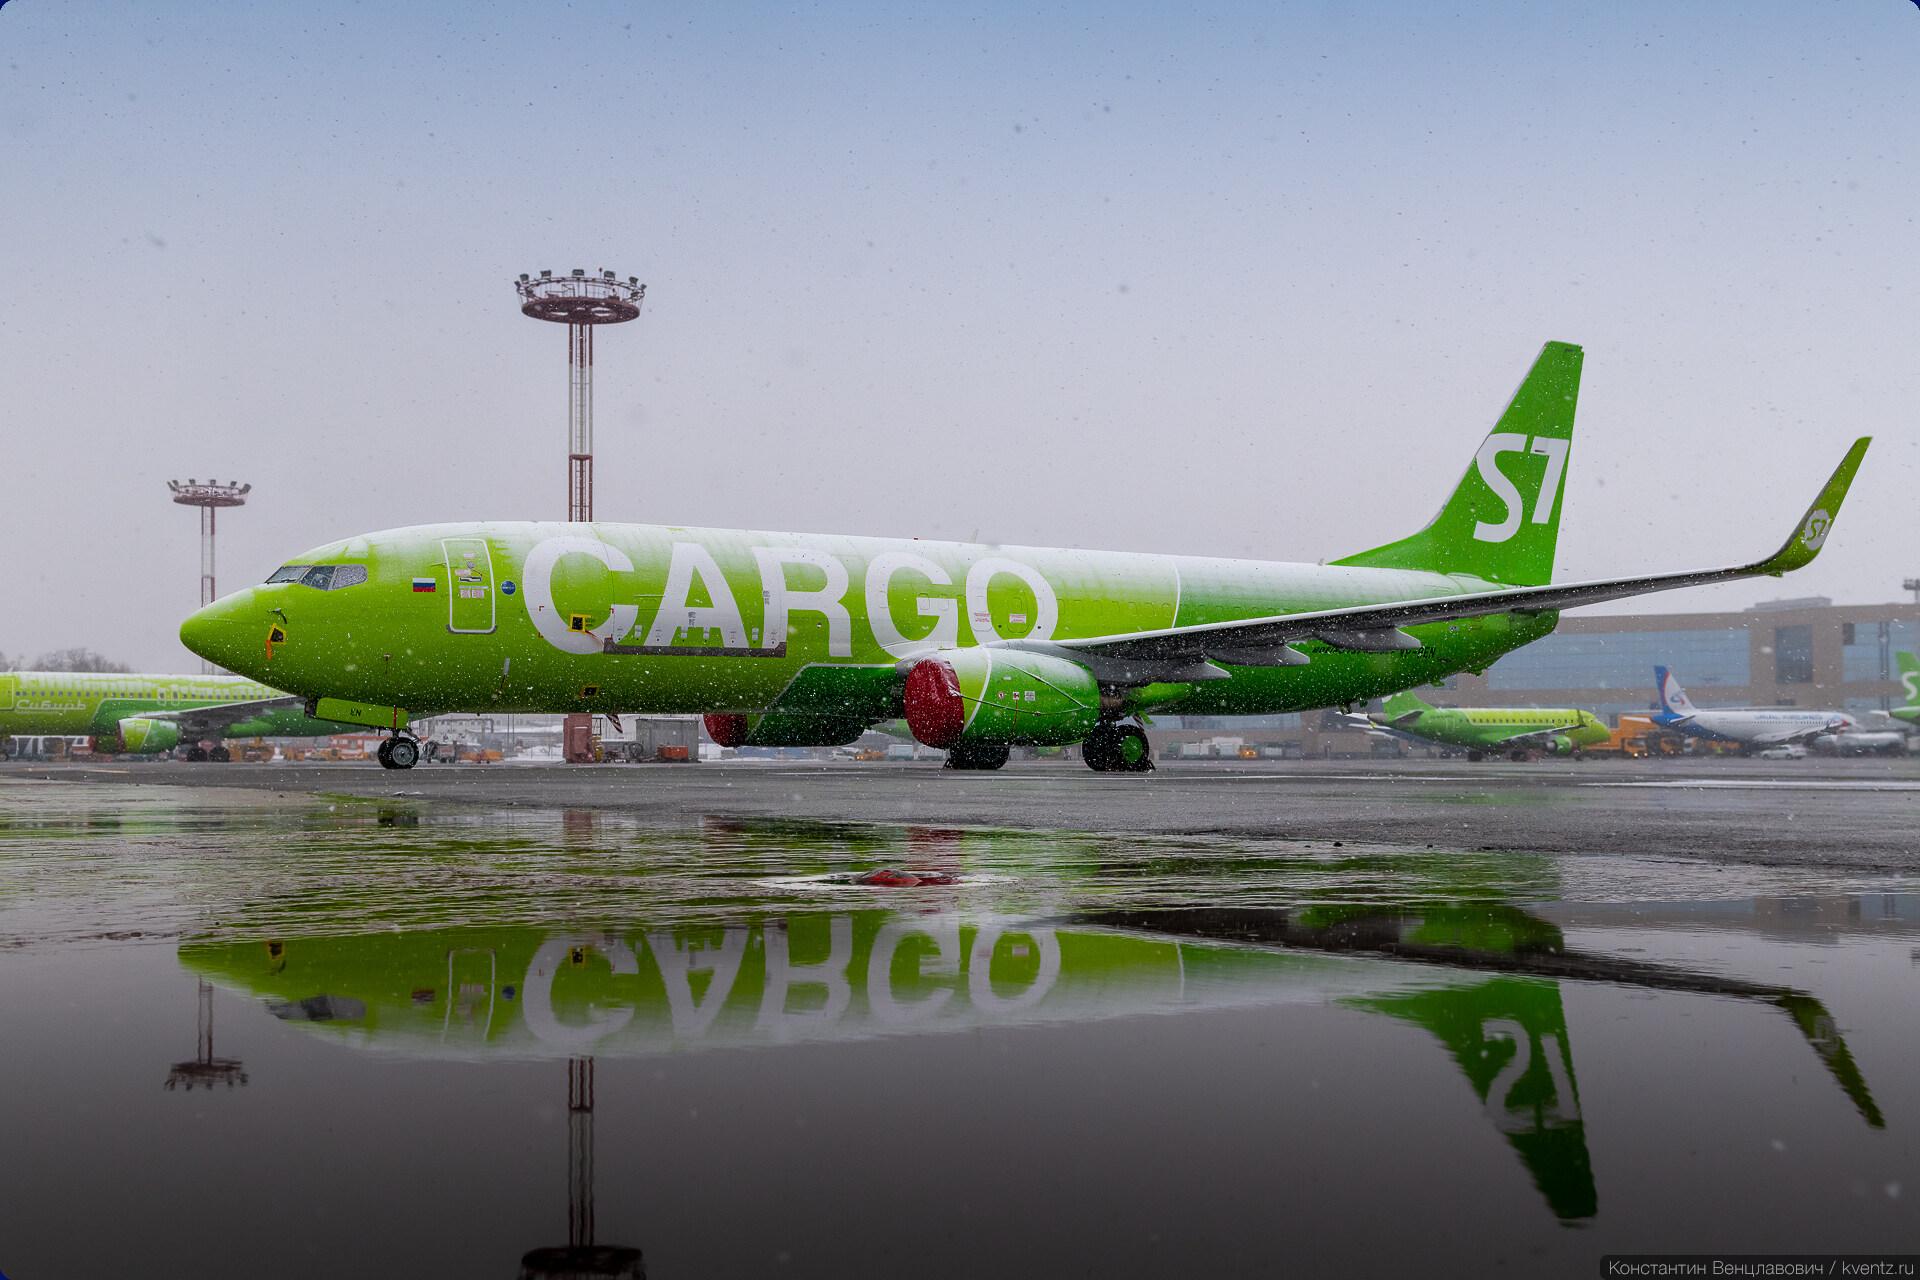 Грузовик Boeing 737-800(F) VP-BEN S7 Cargo.